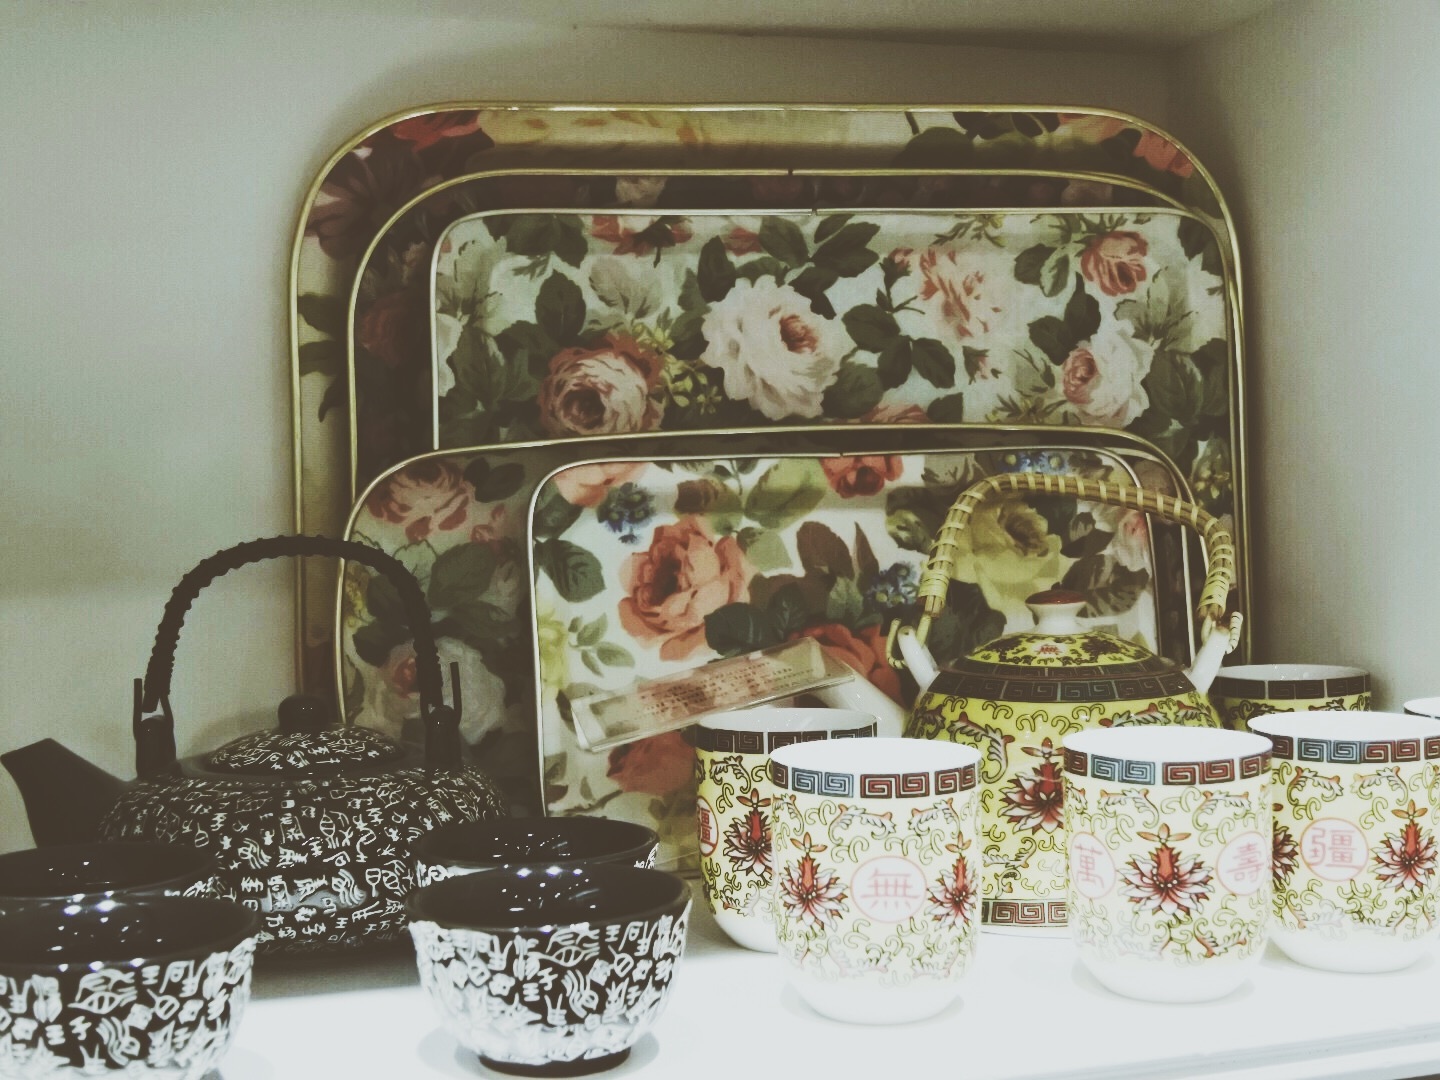 Loved the vintage-y flower-y trays